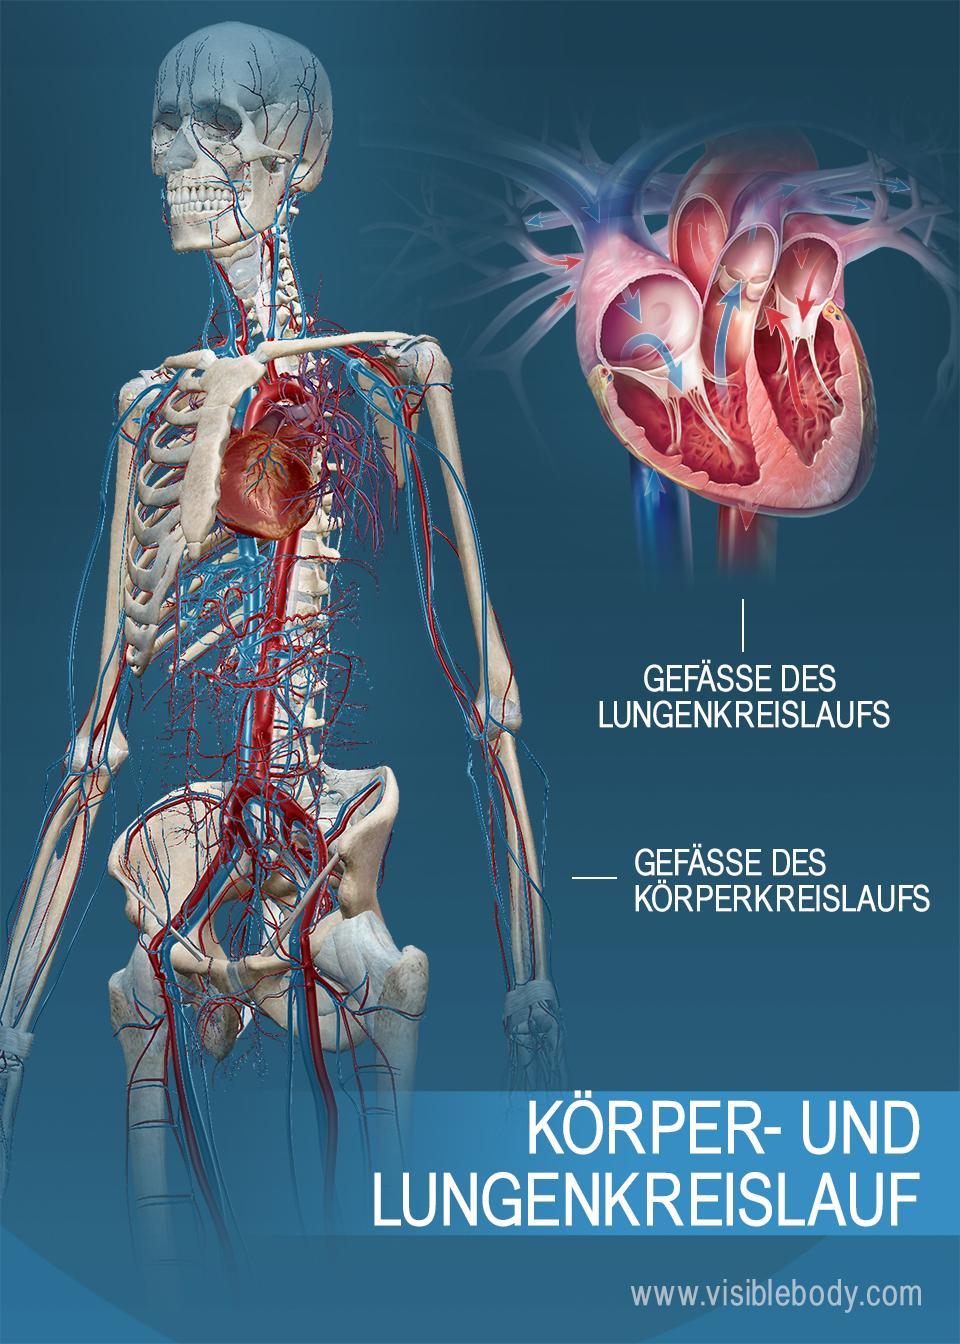 Blutgefäße des Körperkreislaufs und des Lungenkreislaufs